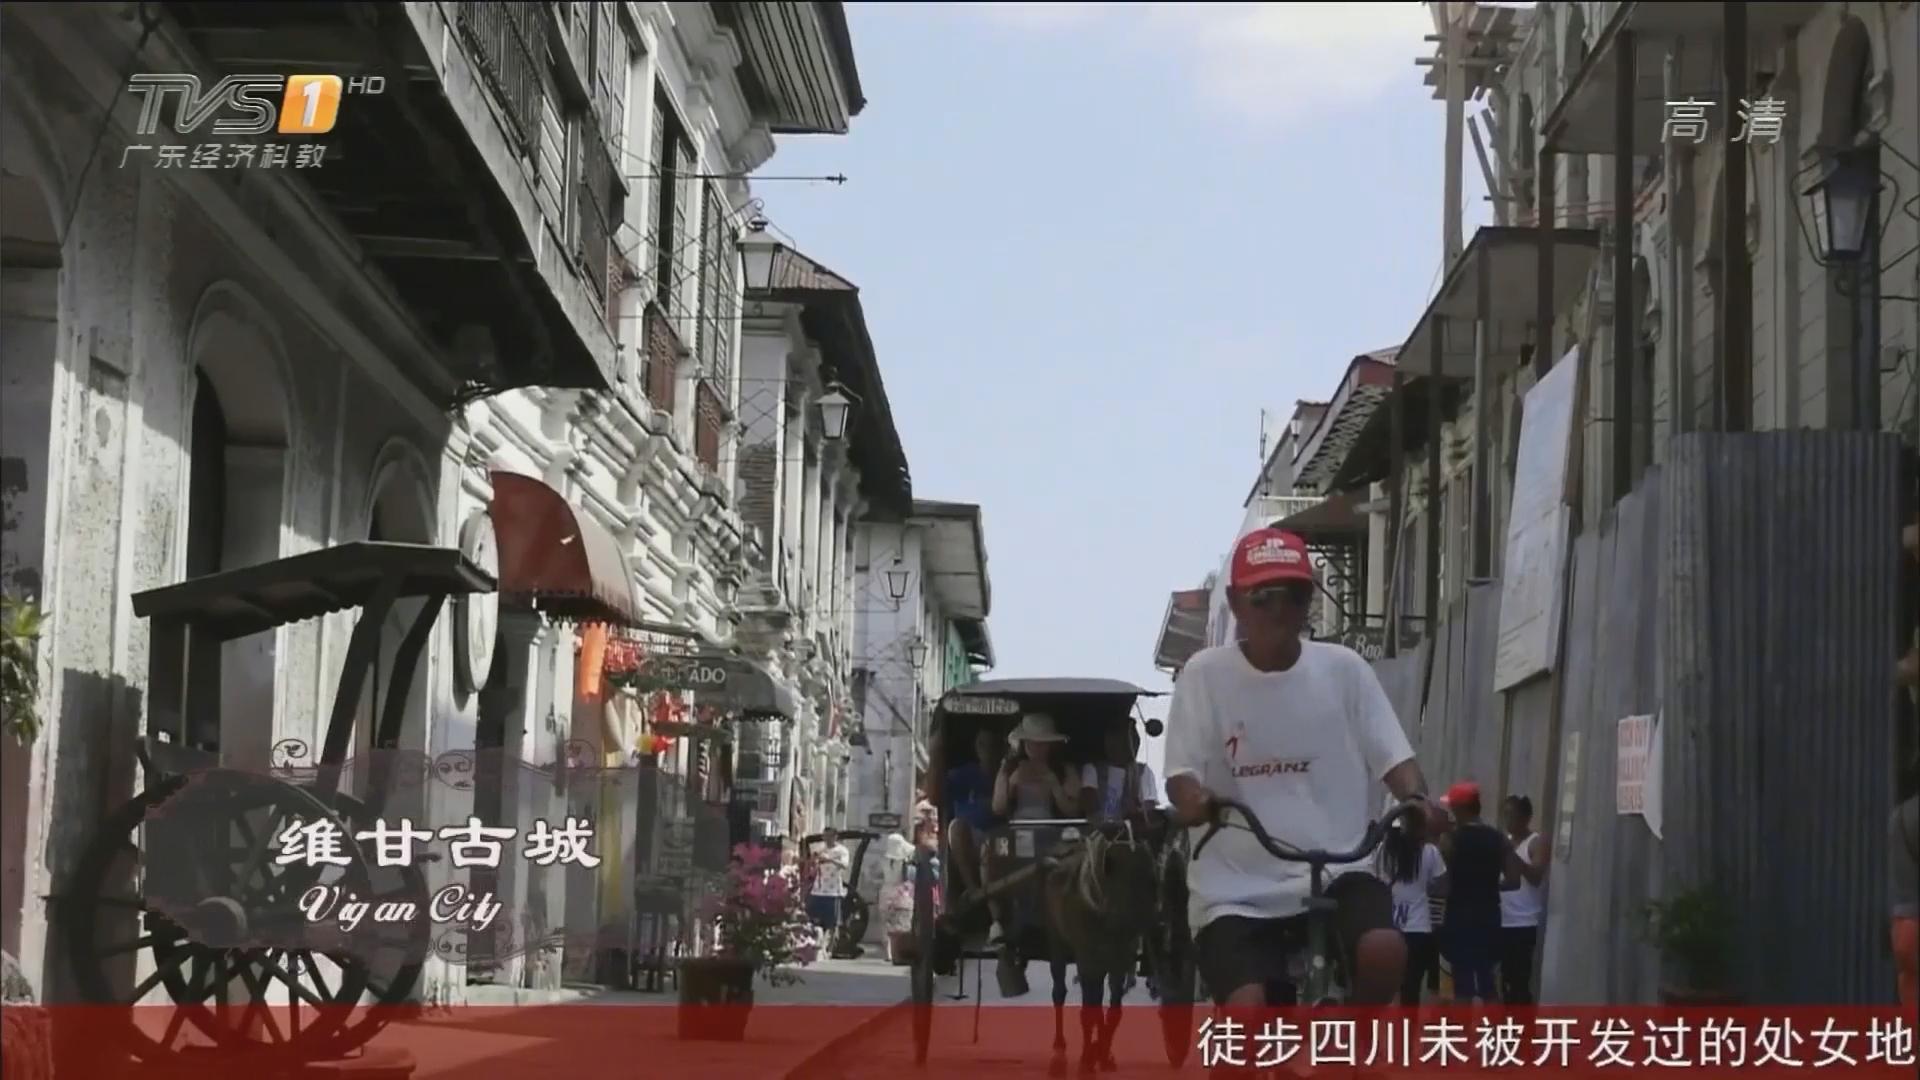 菲律宾——维甘古城